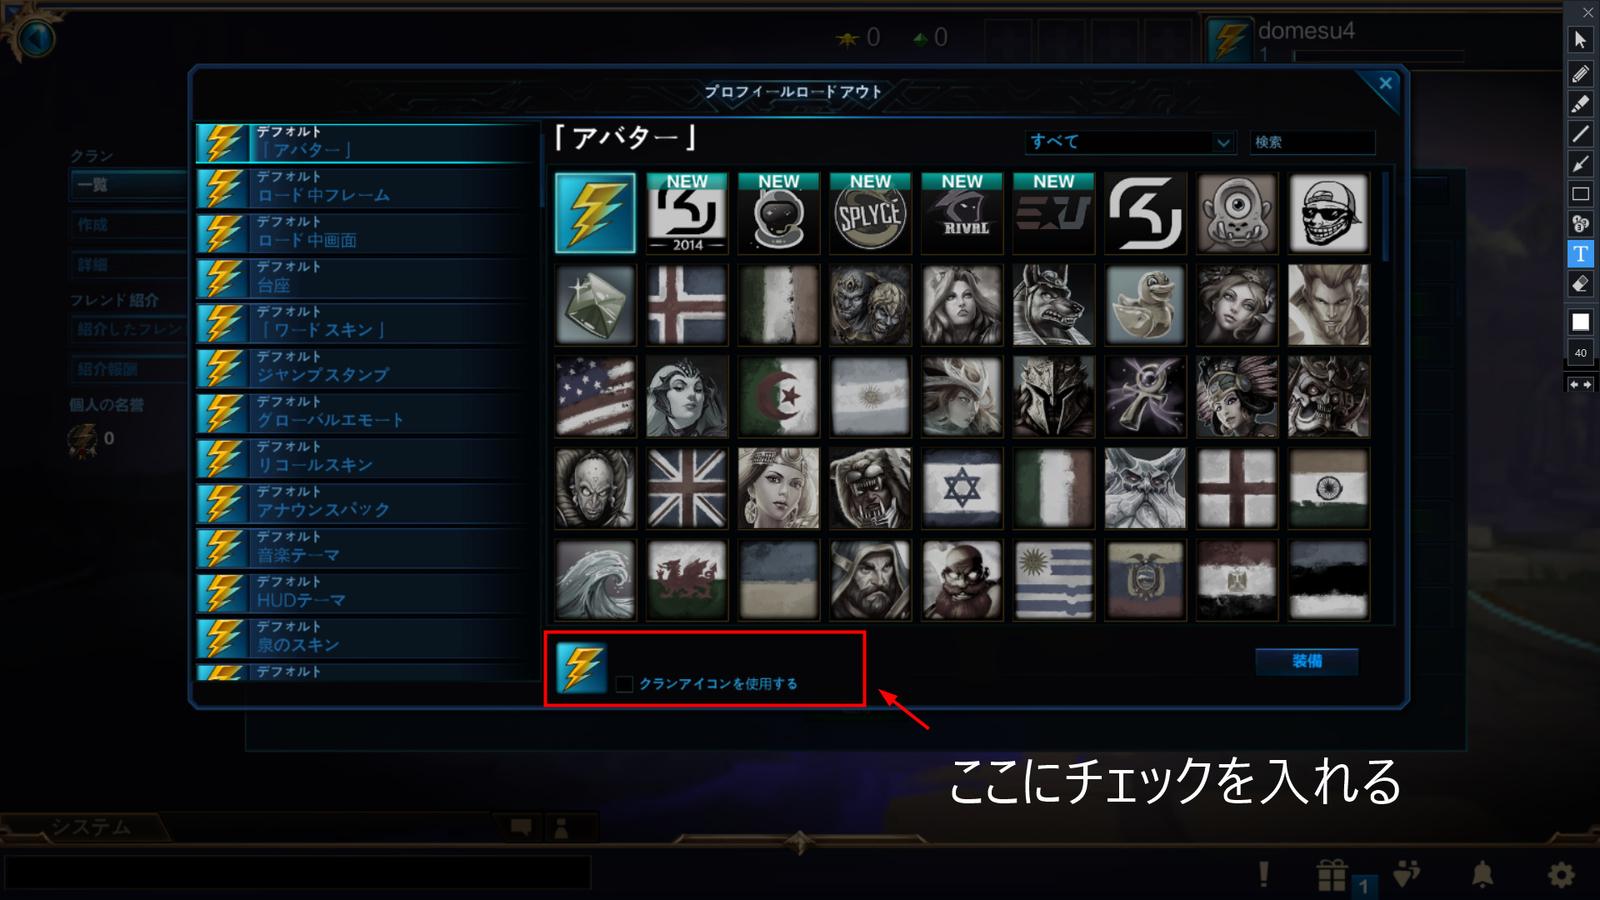 PS4スマイト クラン